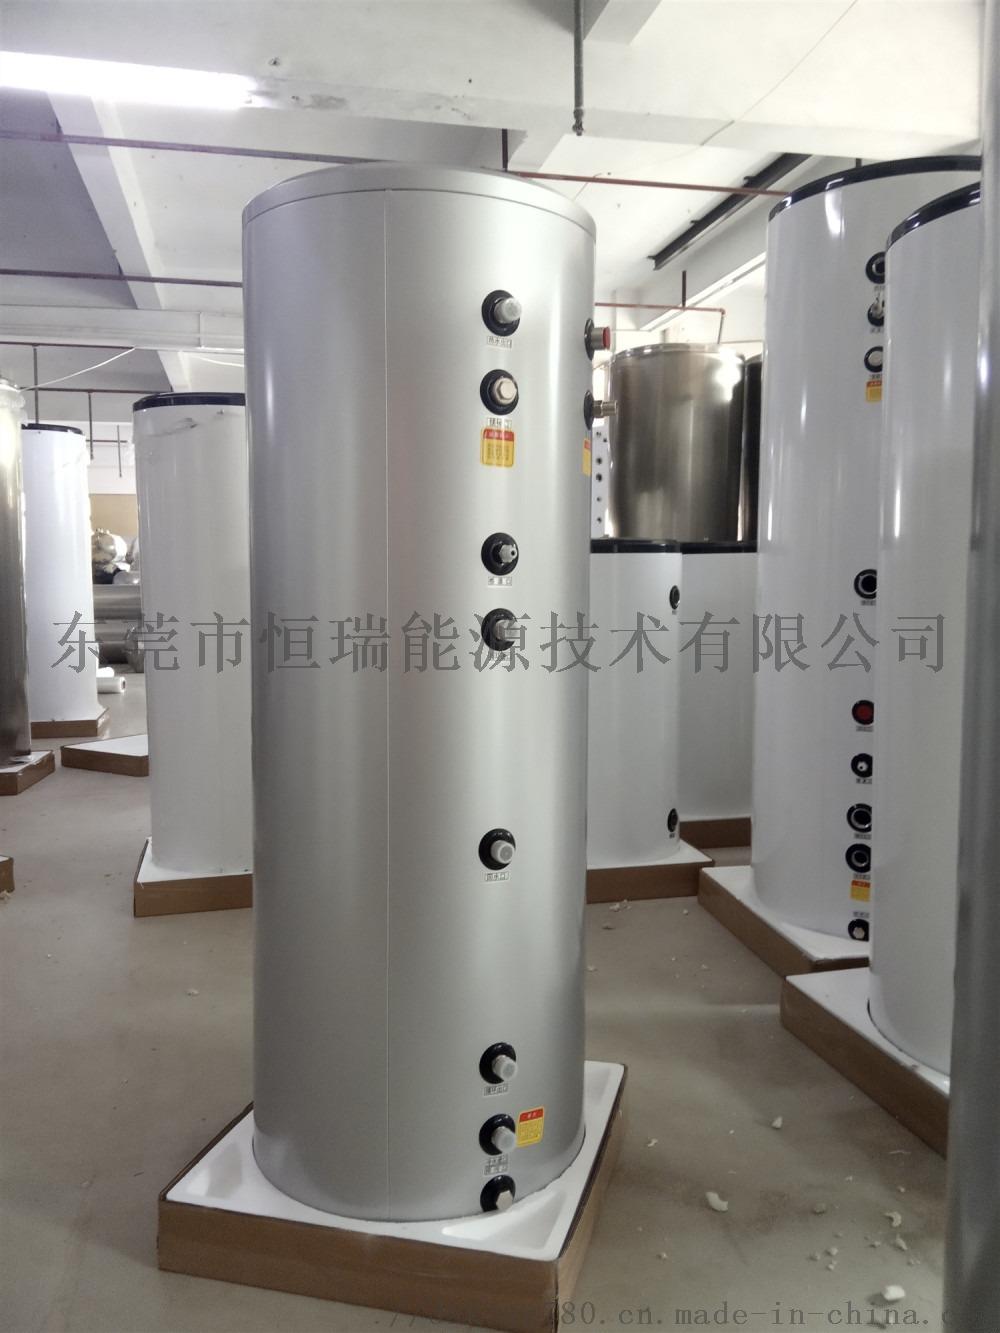 燃气壁挂炉保温水箱 260升盘管换热水箱89091305